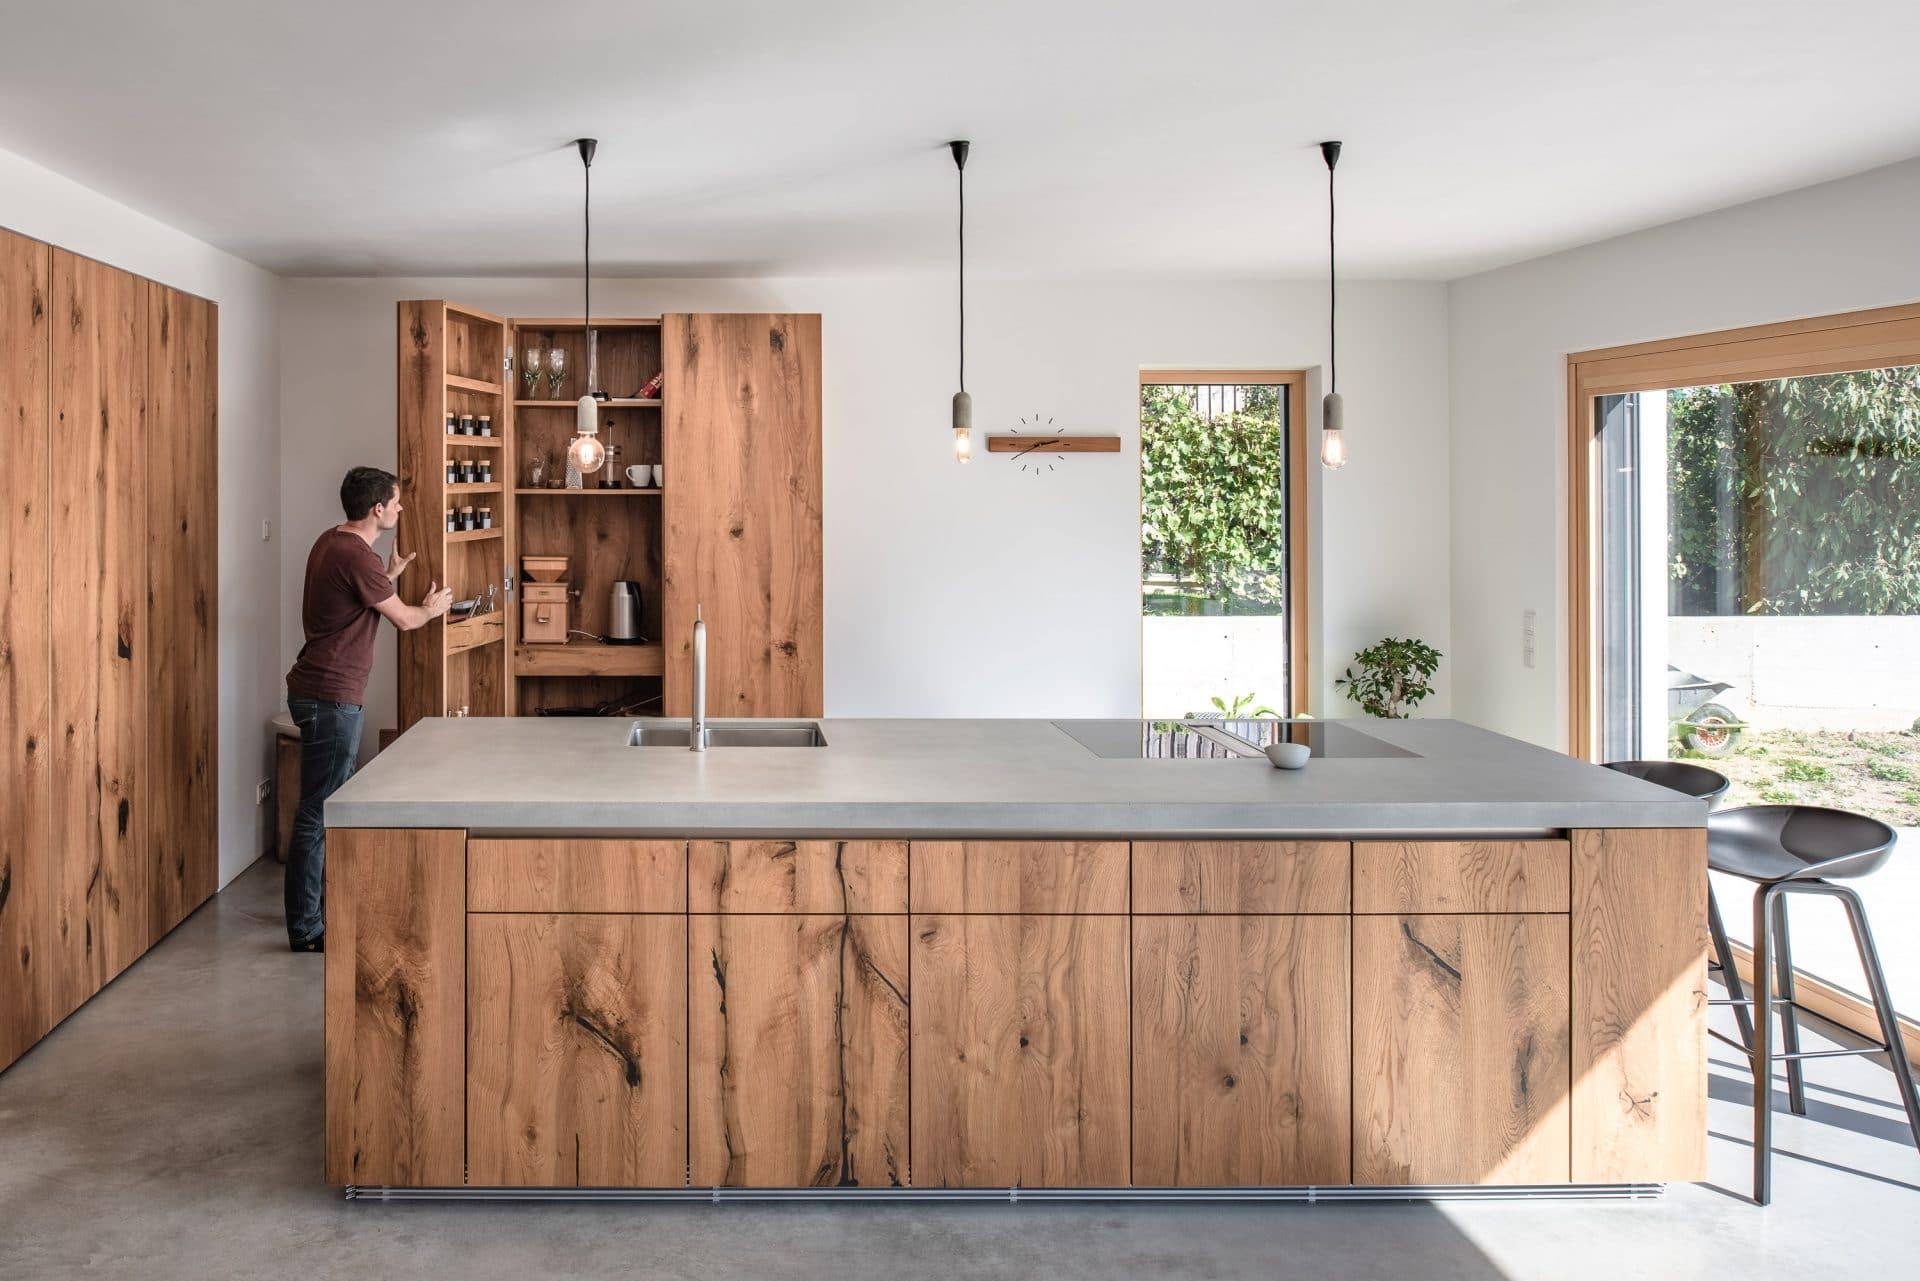 Küchendesign von VOIT aus rustikaler Eiche und Beton, im Hintergrund öffnet ein Mann Küchenschränke aus Eiche